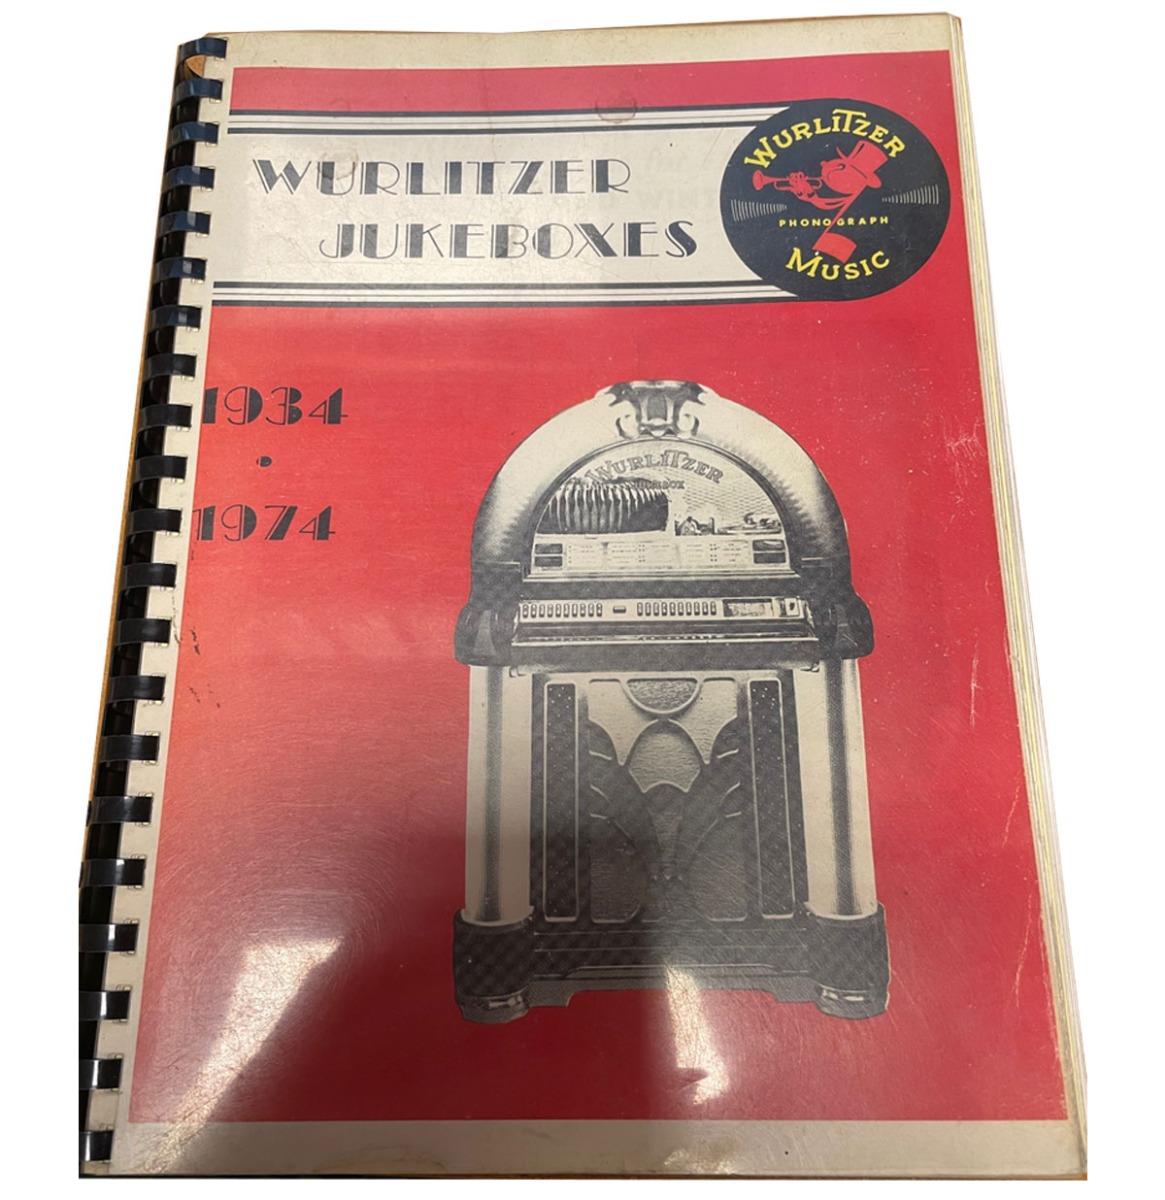 Wurlitzer Jukeboxes 1934-1974 Boek - Kopie